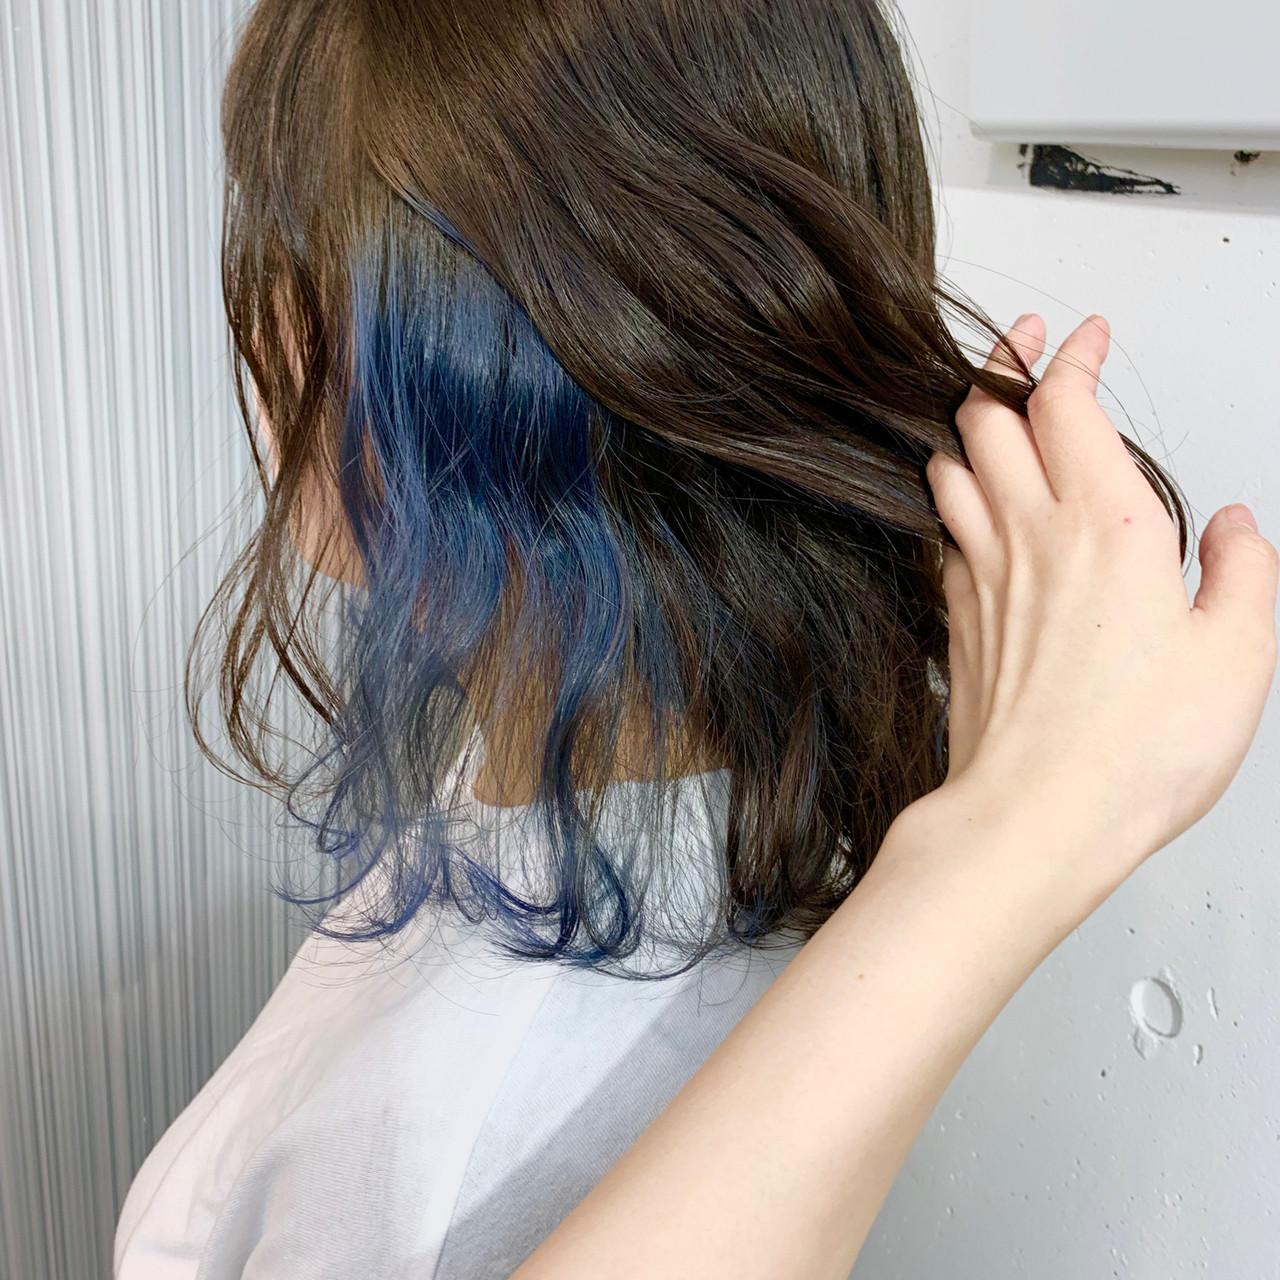 インナーカラー ブルー ダブルカラー ハイライト ヘアスタイルや髪型の写真・画像 | アヤ / Lano by HAIR